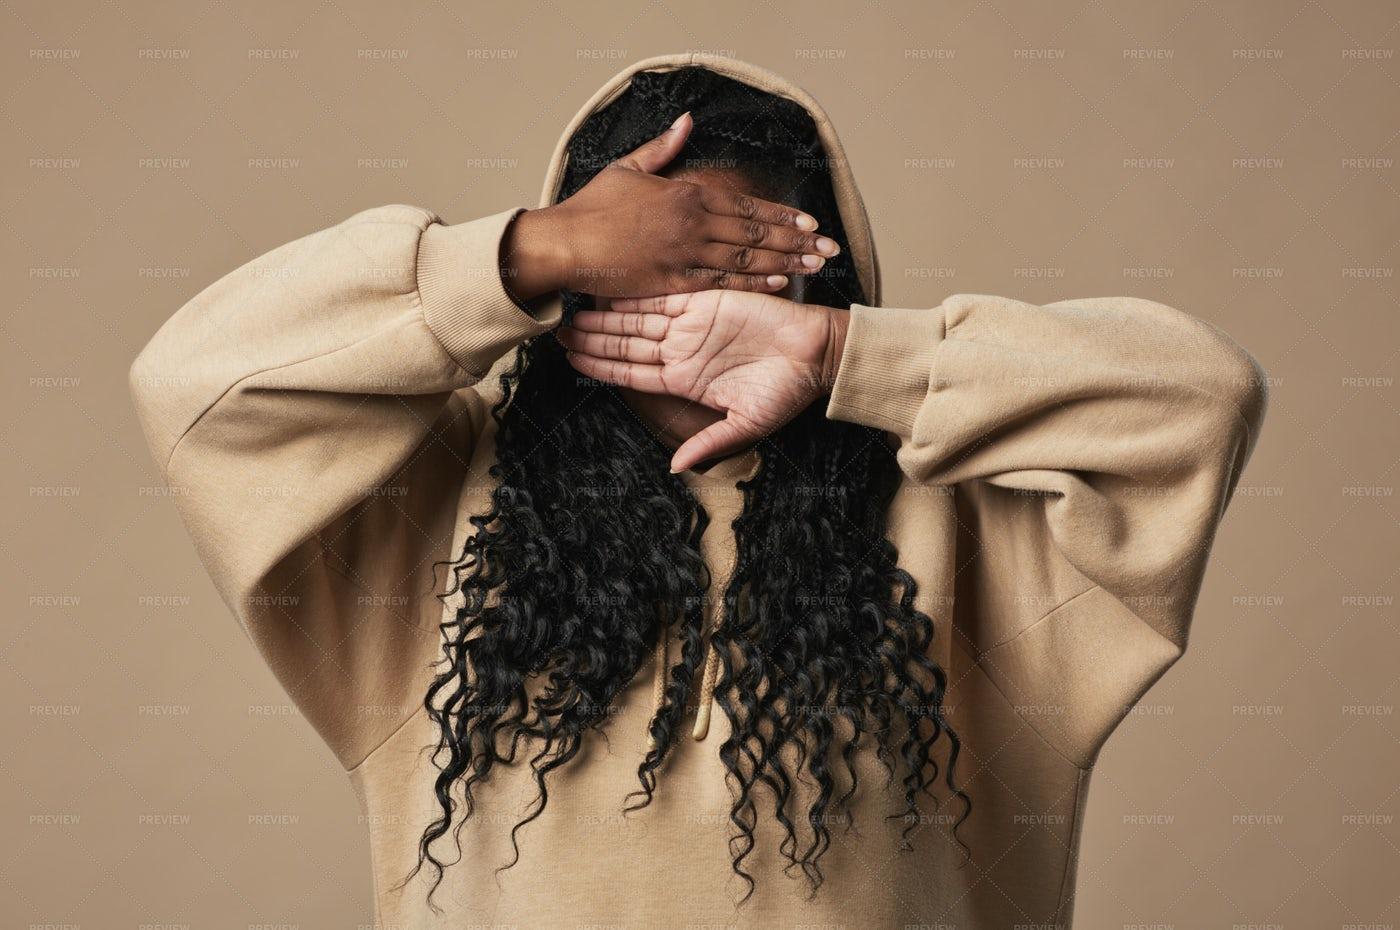 Woman In Tan Hoodie Hiding Face: Stock Photos